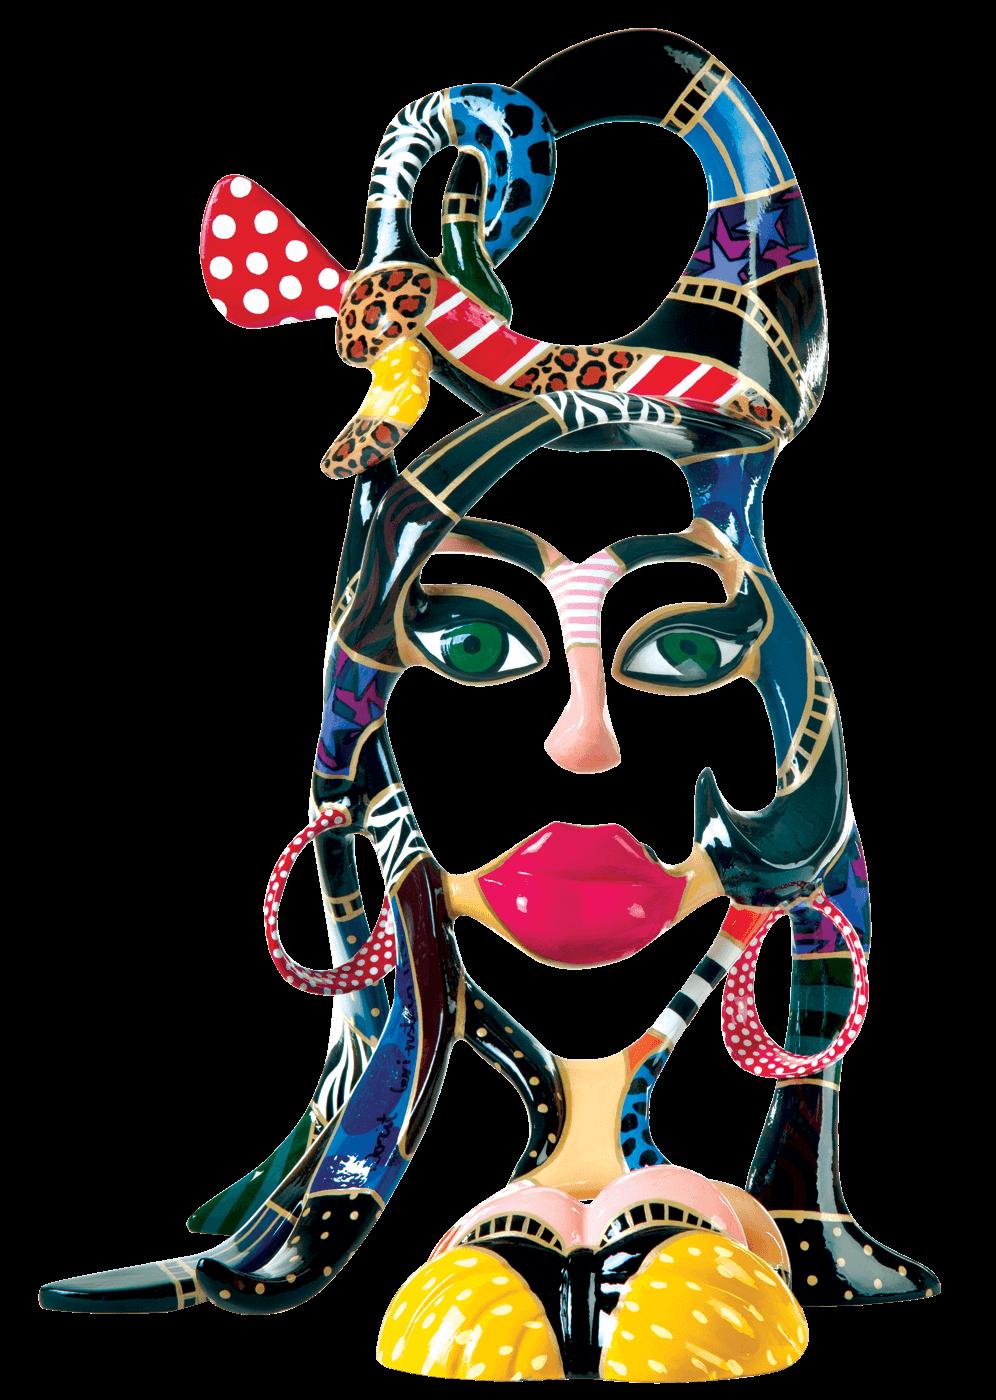 Amy Winehouse - Dorit Levinstein - Eden Gallery